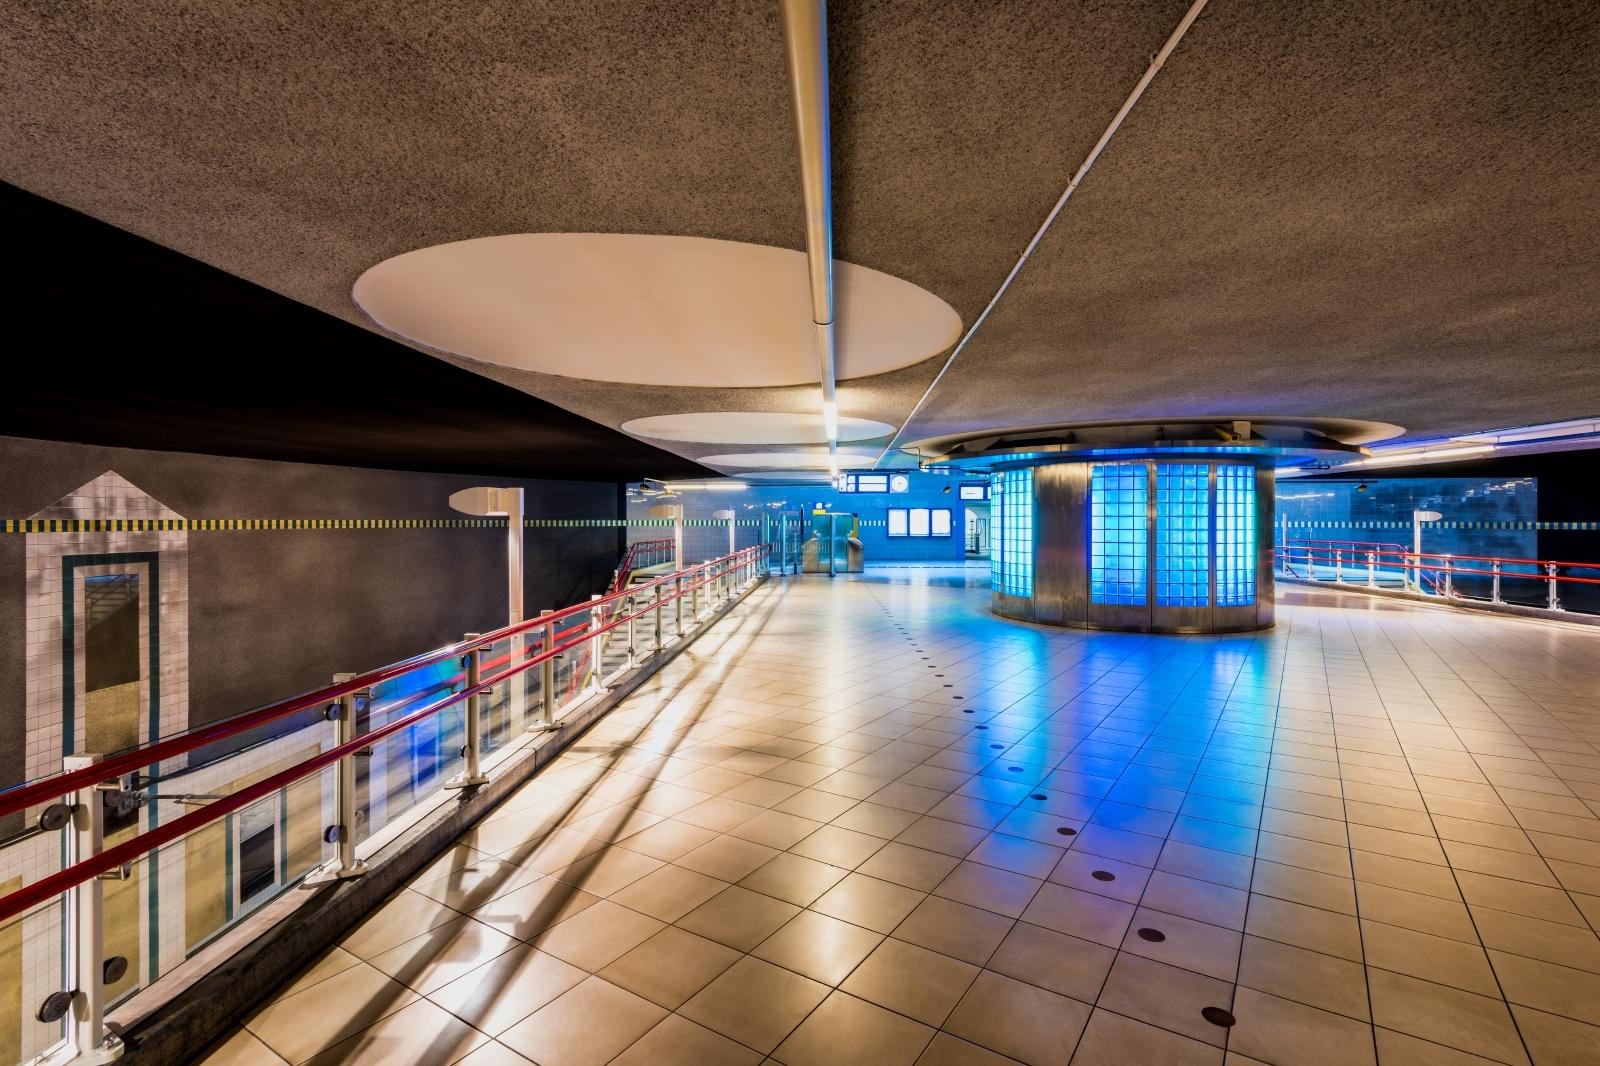 ブラーク駅の地下通路 オランダの鉄道風景